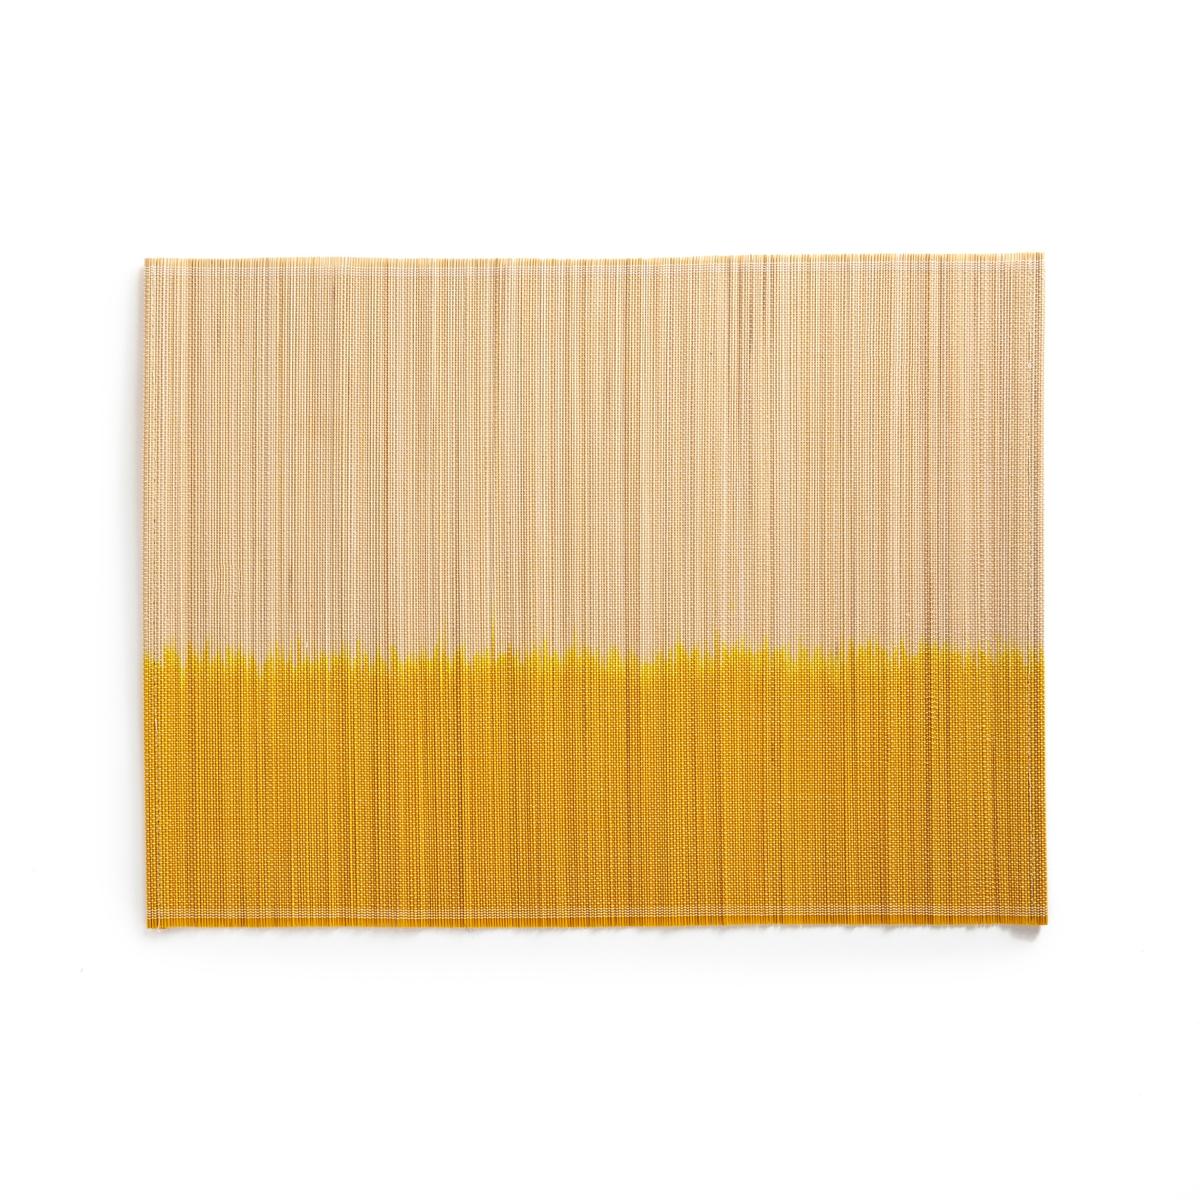 Подложка под приборы из бамбука DAYEM (4 шт.)Описание:4 подложки под приборы La Redoute Interieurs из бамбука, эффект тай-энд-дай, натуральный стиль.Характеристики 4 подложек под приборы: •  Частично окрашенный бамбук •  Декор в стиле тай-энд-дайРазмеры 4 подложек под приборы: •  Размер : 45 x 33,5 смВсю коллекцию столового декора вы найдете на сайте laredoute.<br><br>Цвет: желтый,синий,черный